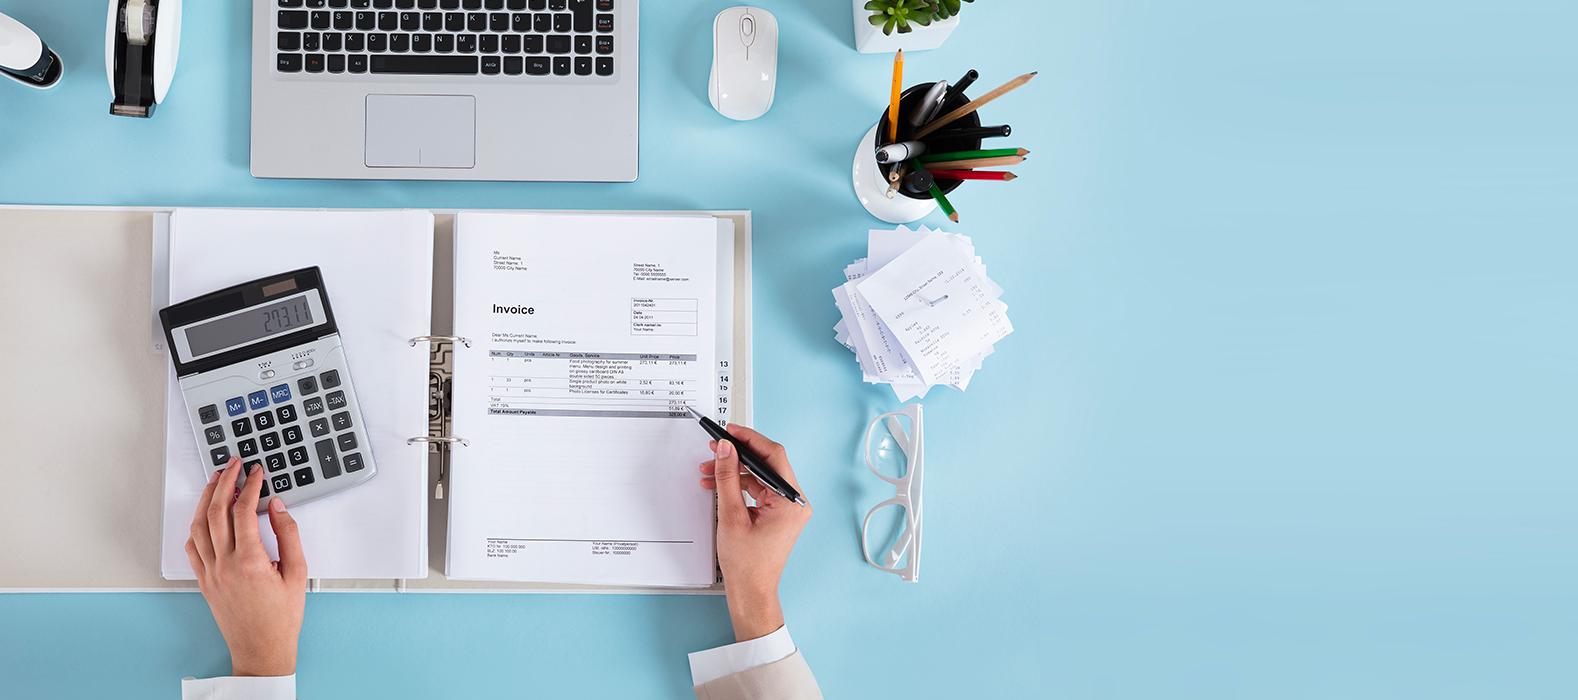 Dall'anticipo fatture all'anticipo stipendio: il dilemma etico del Supply Chain Finance